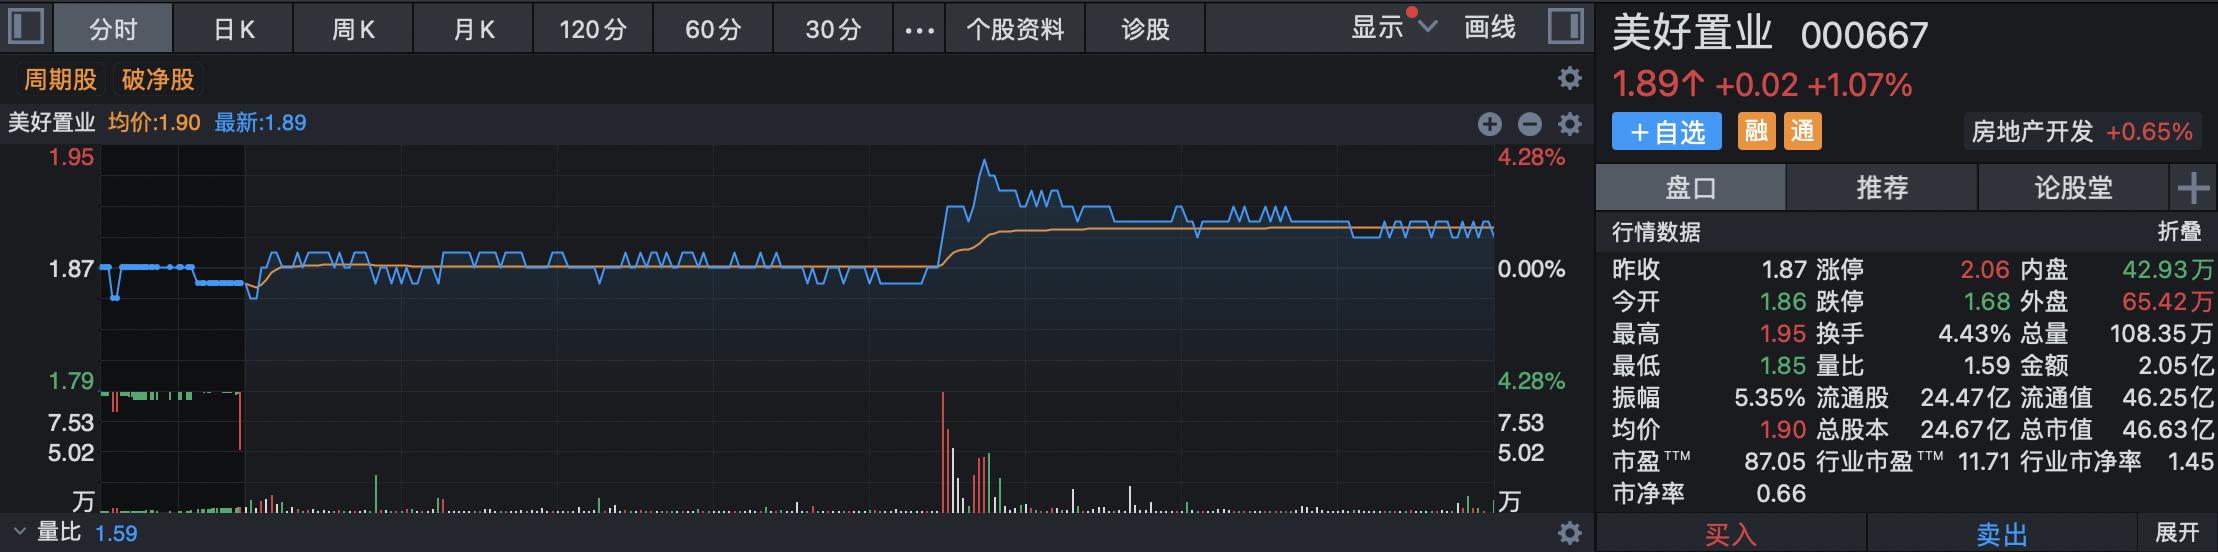 美好置业:刘道明选定接班人 其女刘南希增持公司股权至8.46%